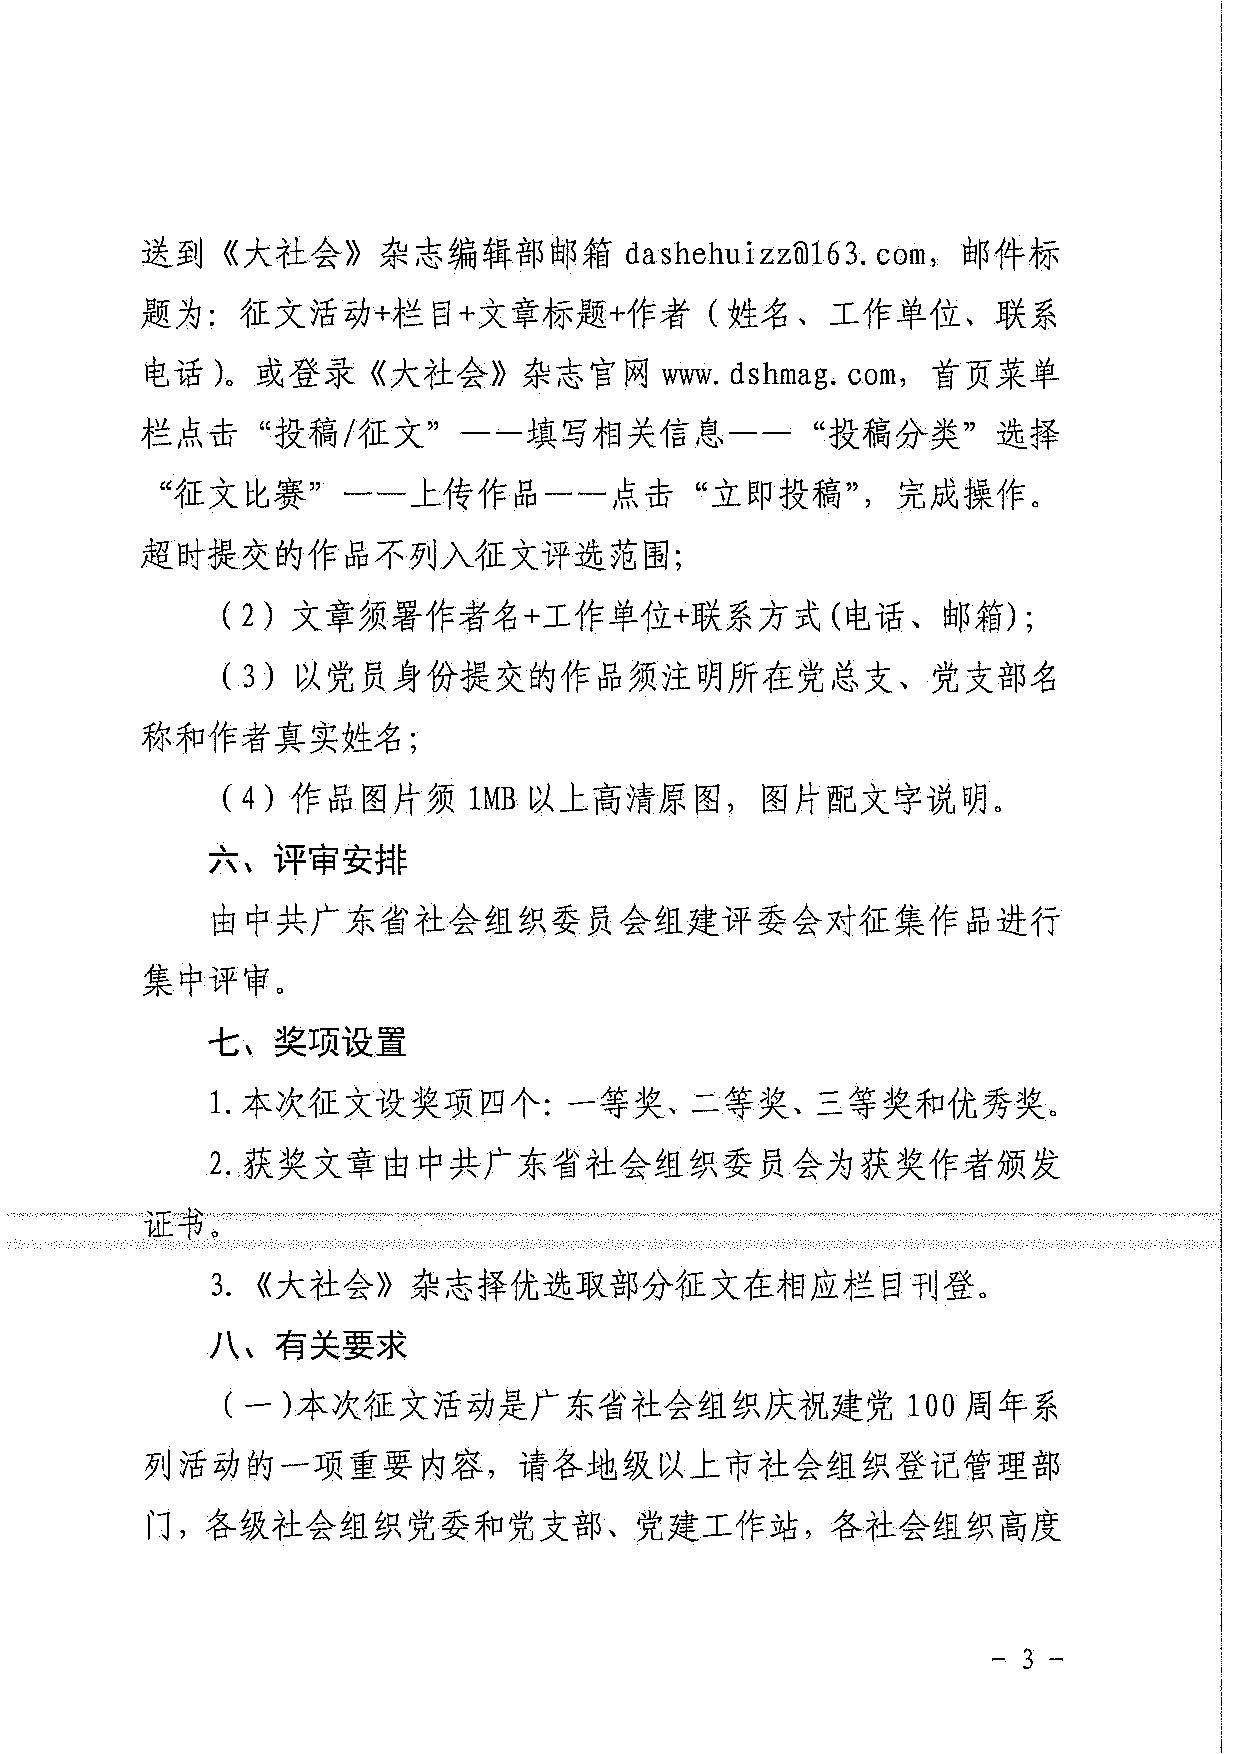 中共广东省社会组织委员会关于开展庆祝建党100周年主题征文活动的通知_3.jpg